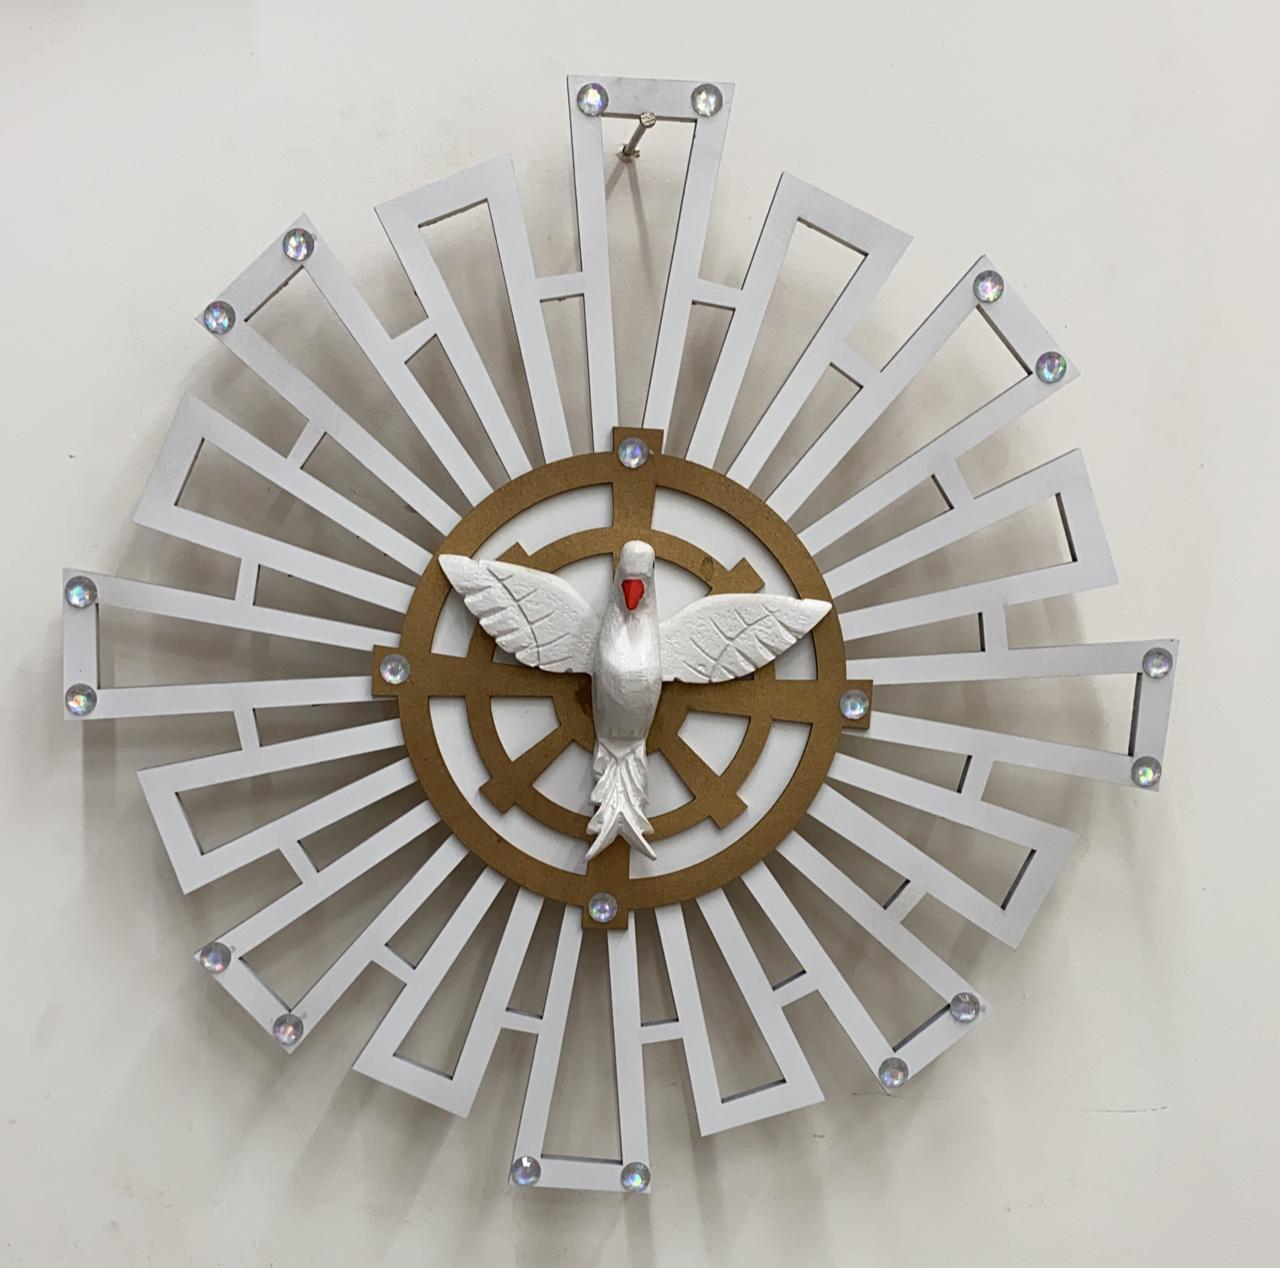 Espírito santo com raios de parede - fabricado em madeira - 40cm